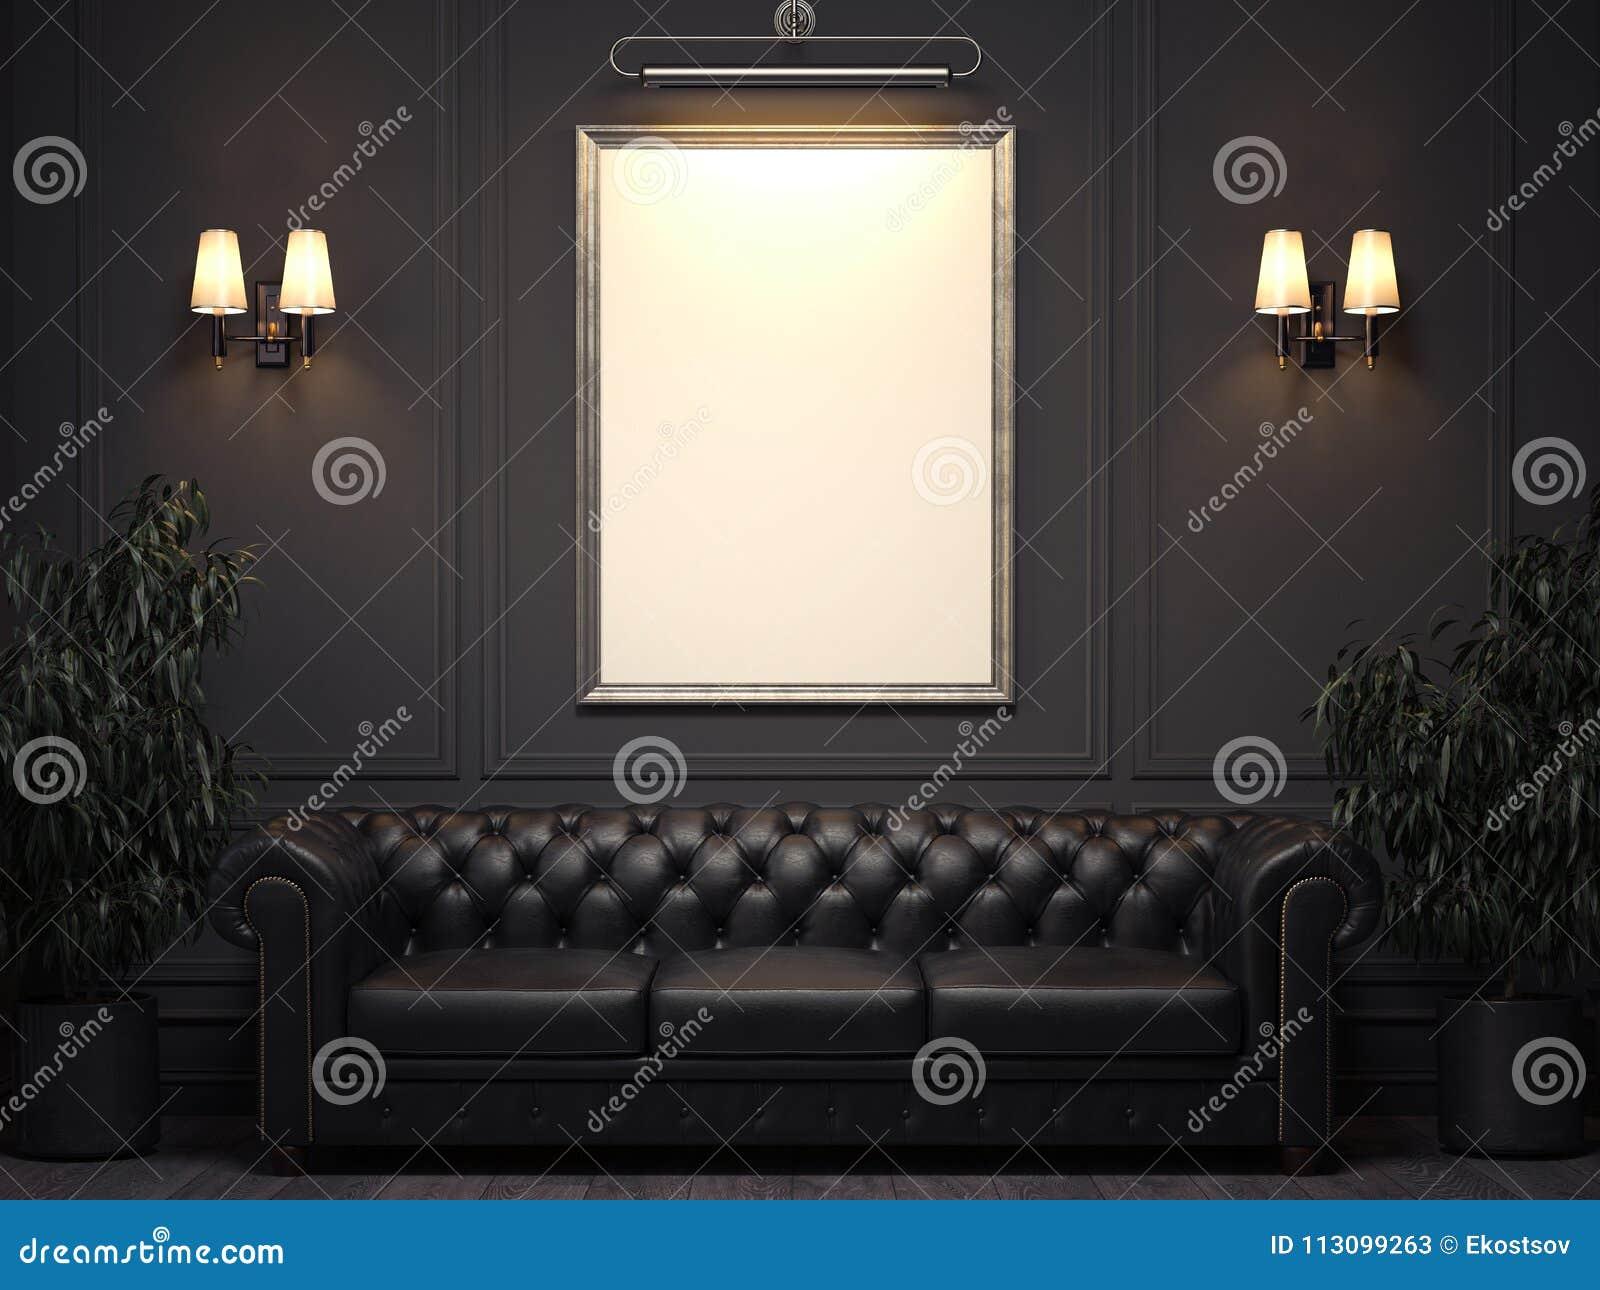 Mörk klassisk inre med soffa- och bildramen på väggen framförande 3d